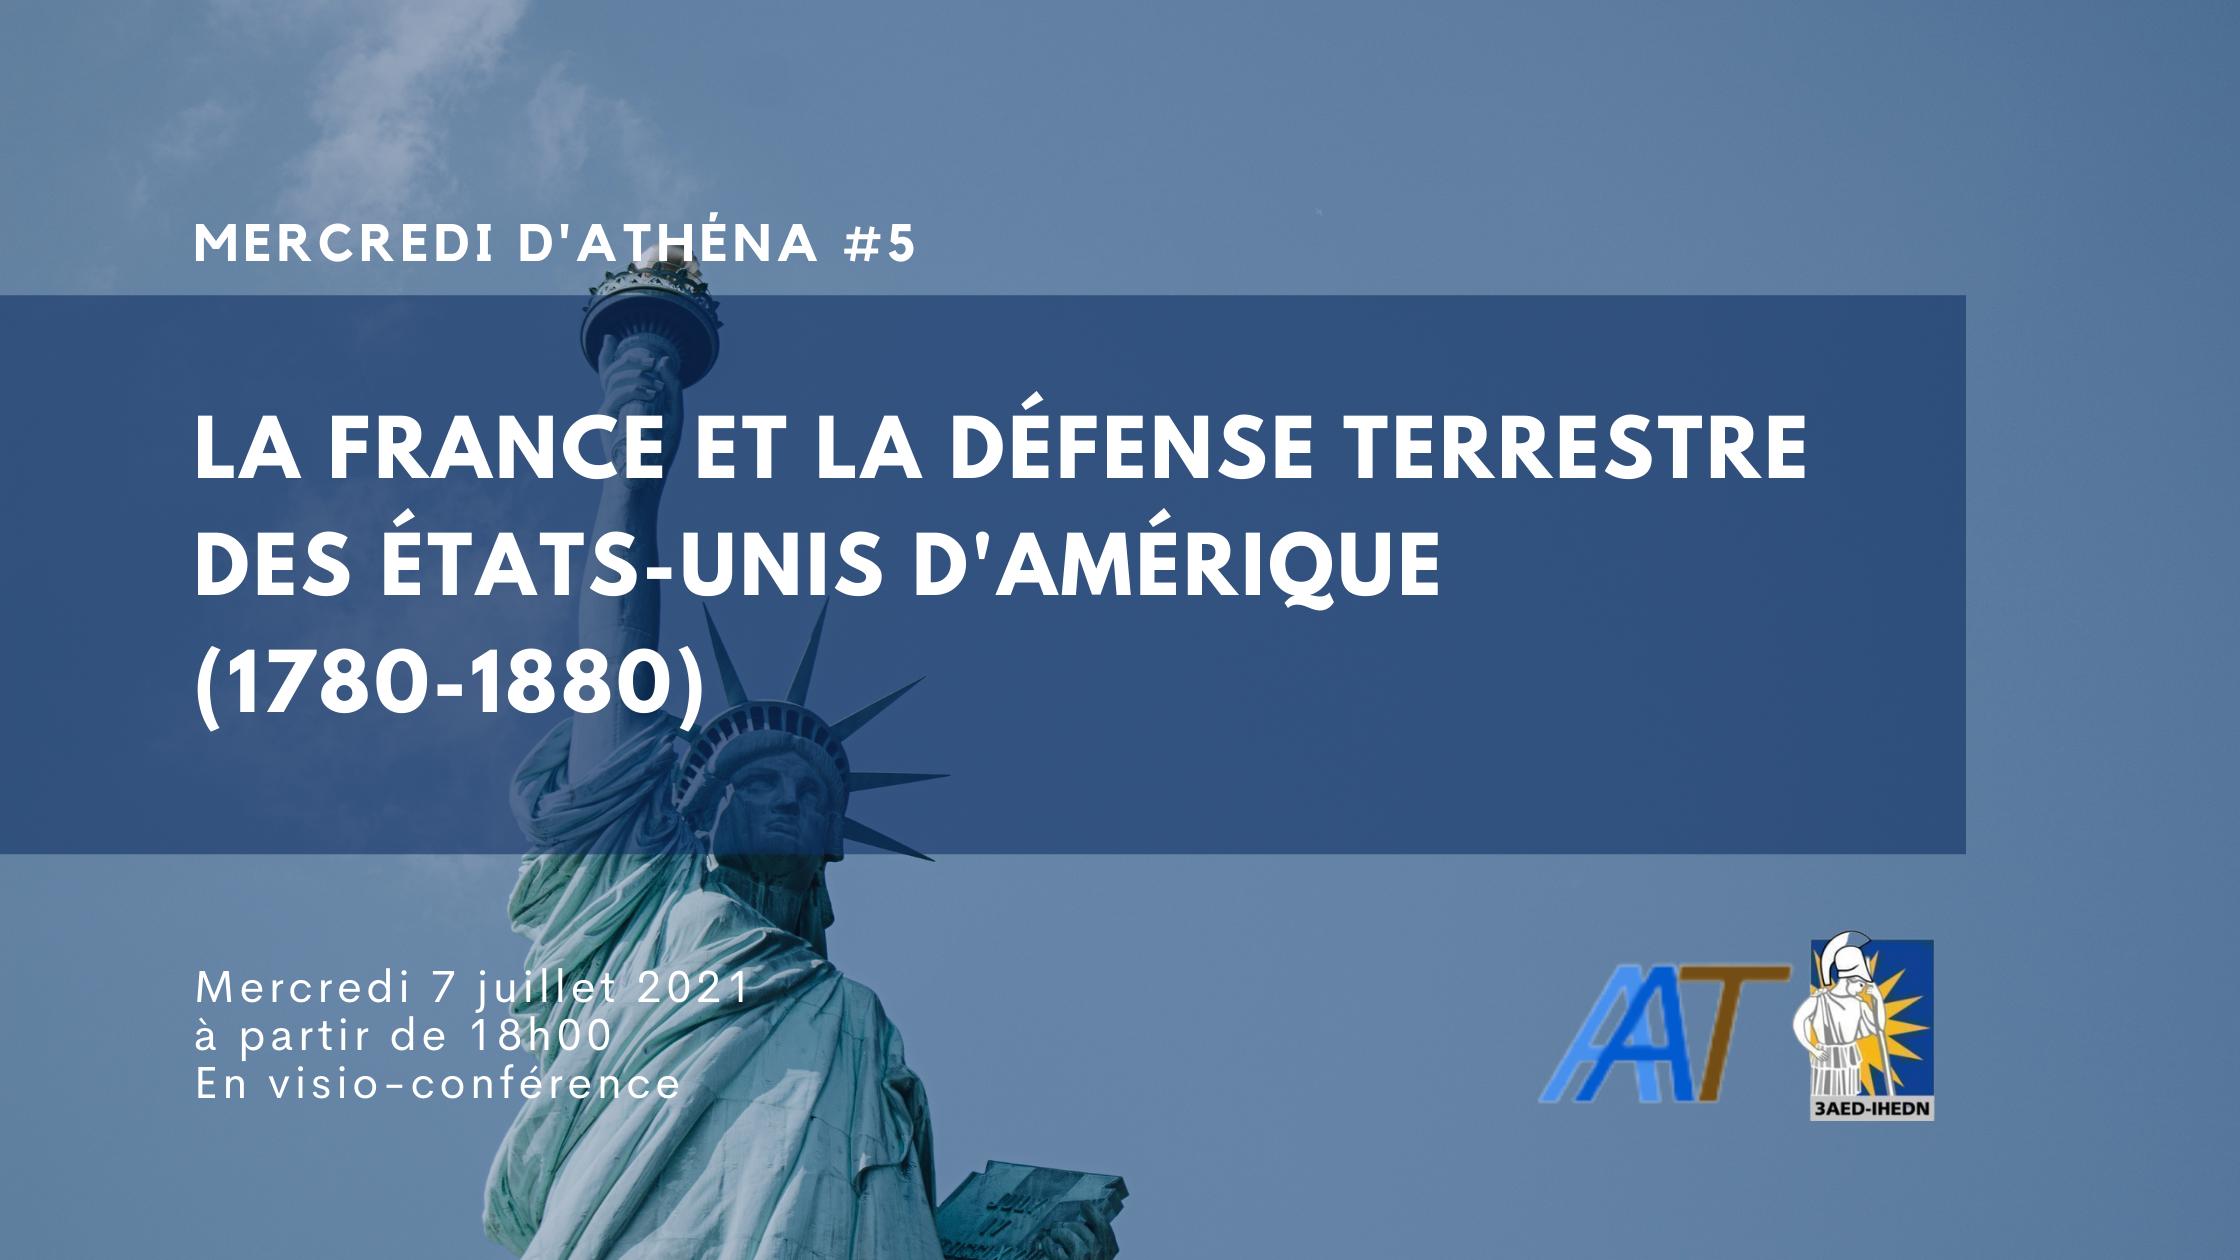 Mercredi d'Athéna #5 | La France et la défense terrestre des États-Unis d'Amérique (1780-1880)